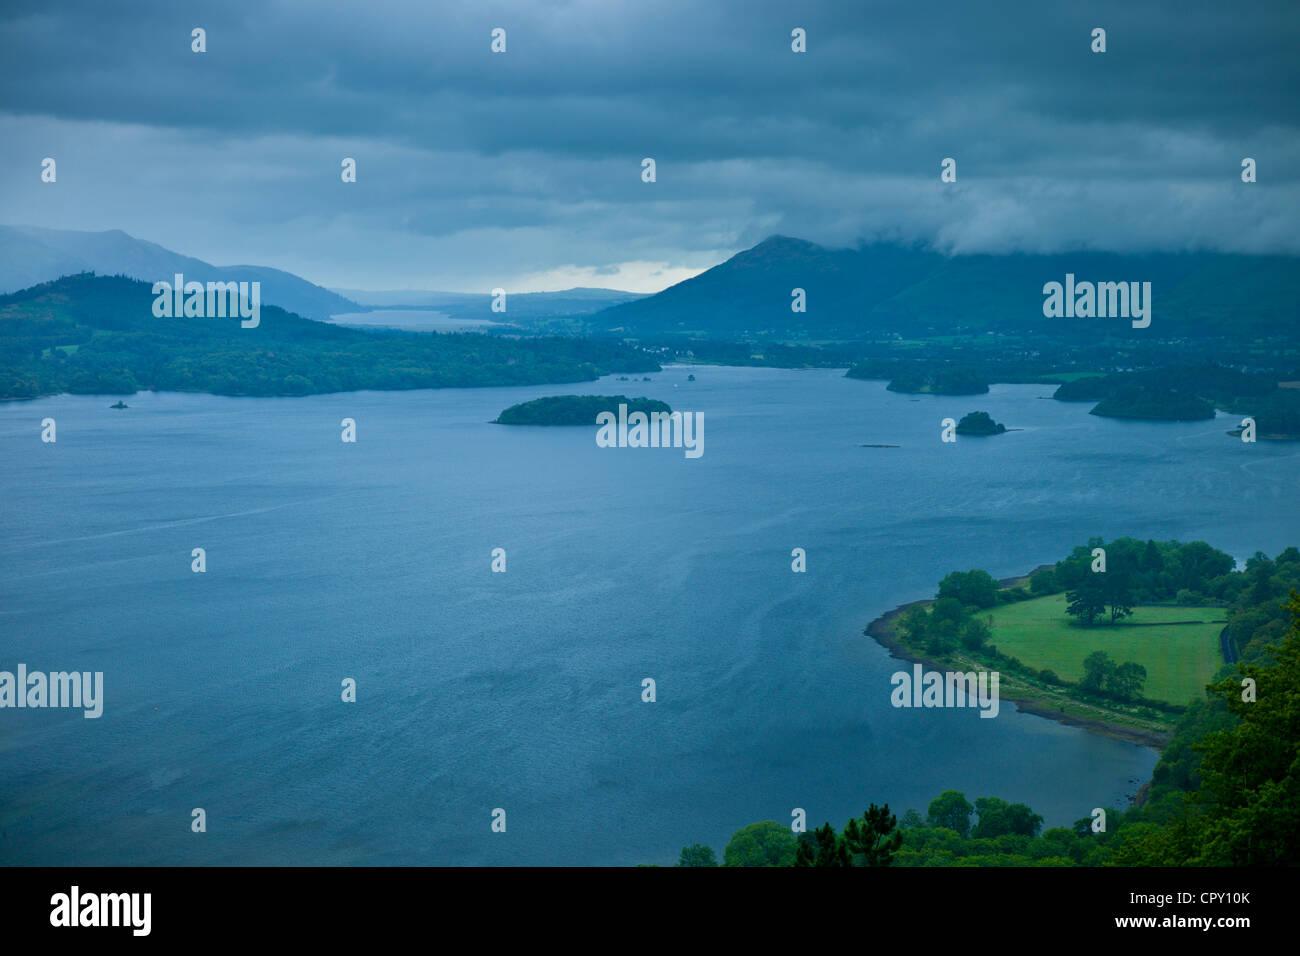 Derwent Water lago dal lato sud del Parco Nazionale del Distretto dei Laghi, Cumbria, Regno Unito Immagini Stock